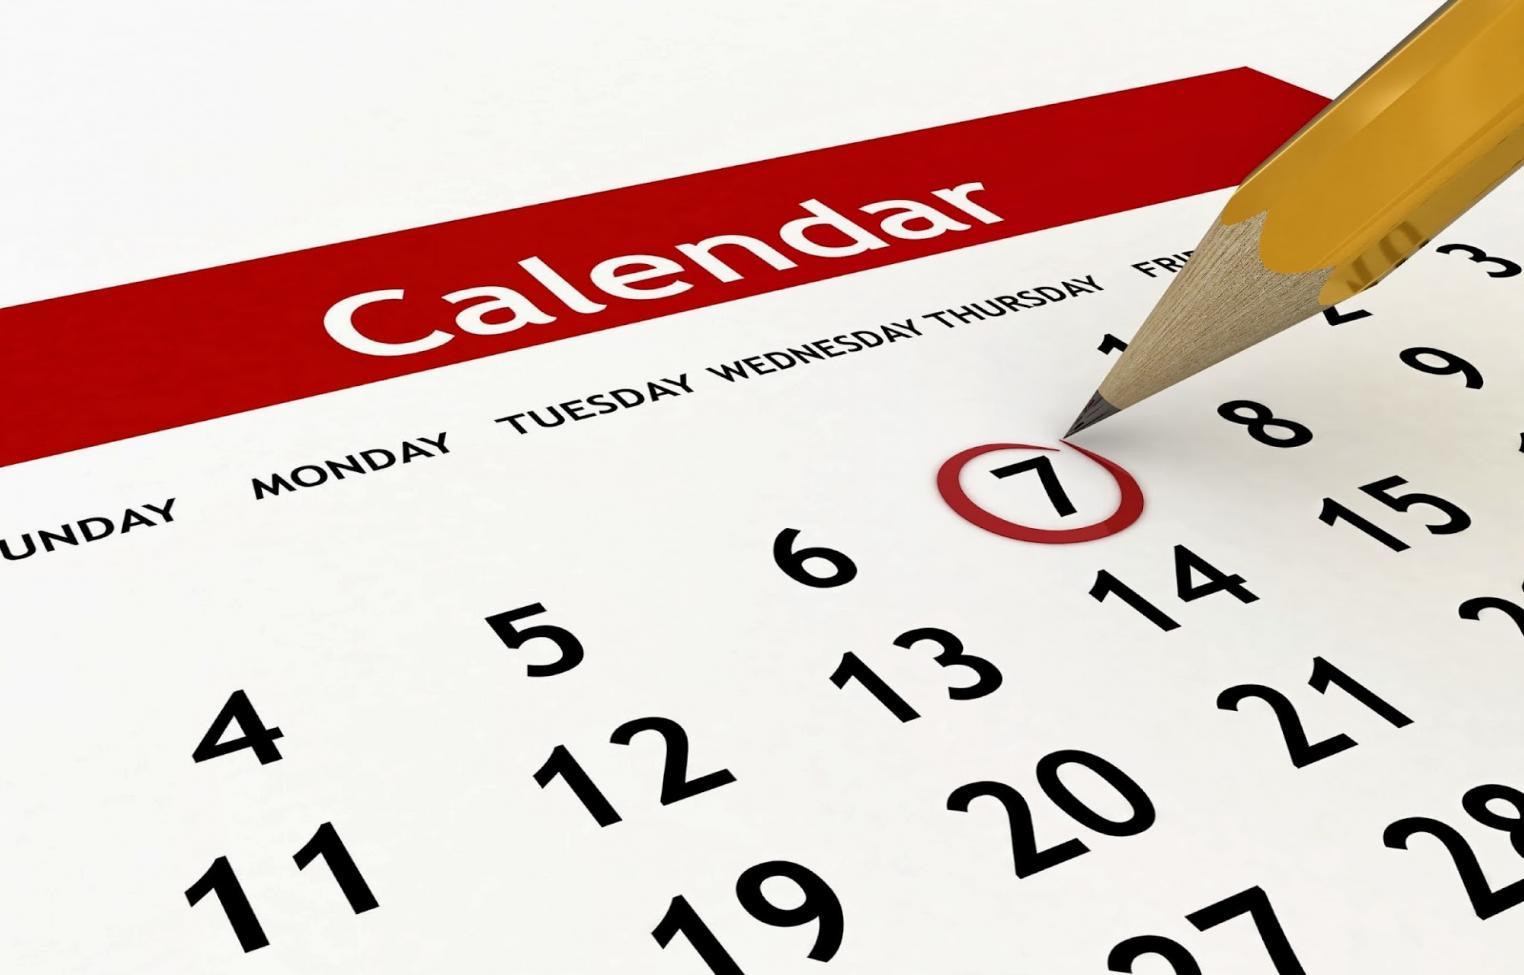 005-calendar--weknowyourdreams.com